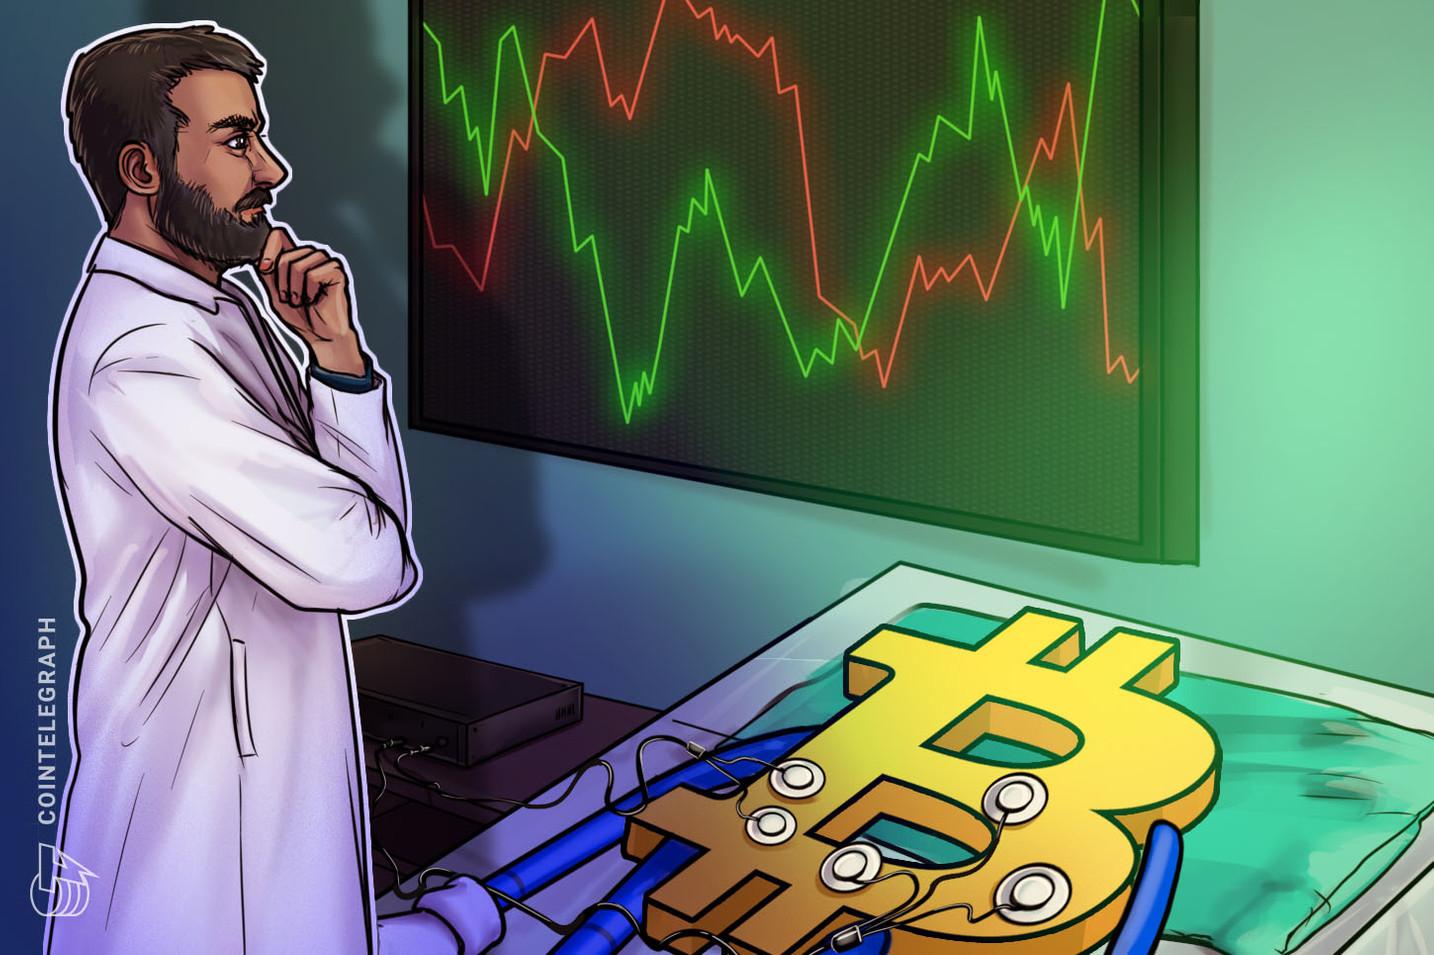 ¿Ya llegamos a lo máximo que puede subir Bitcoin este año? La CNBC dice que dentro de cinco meses Bitcoin subirá más